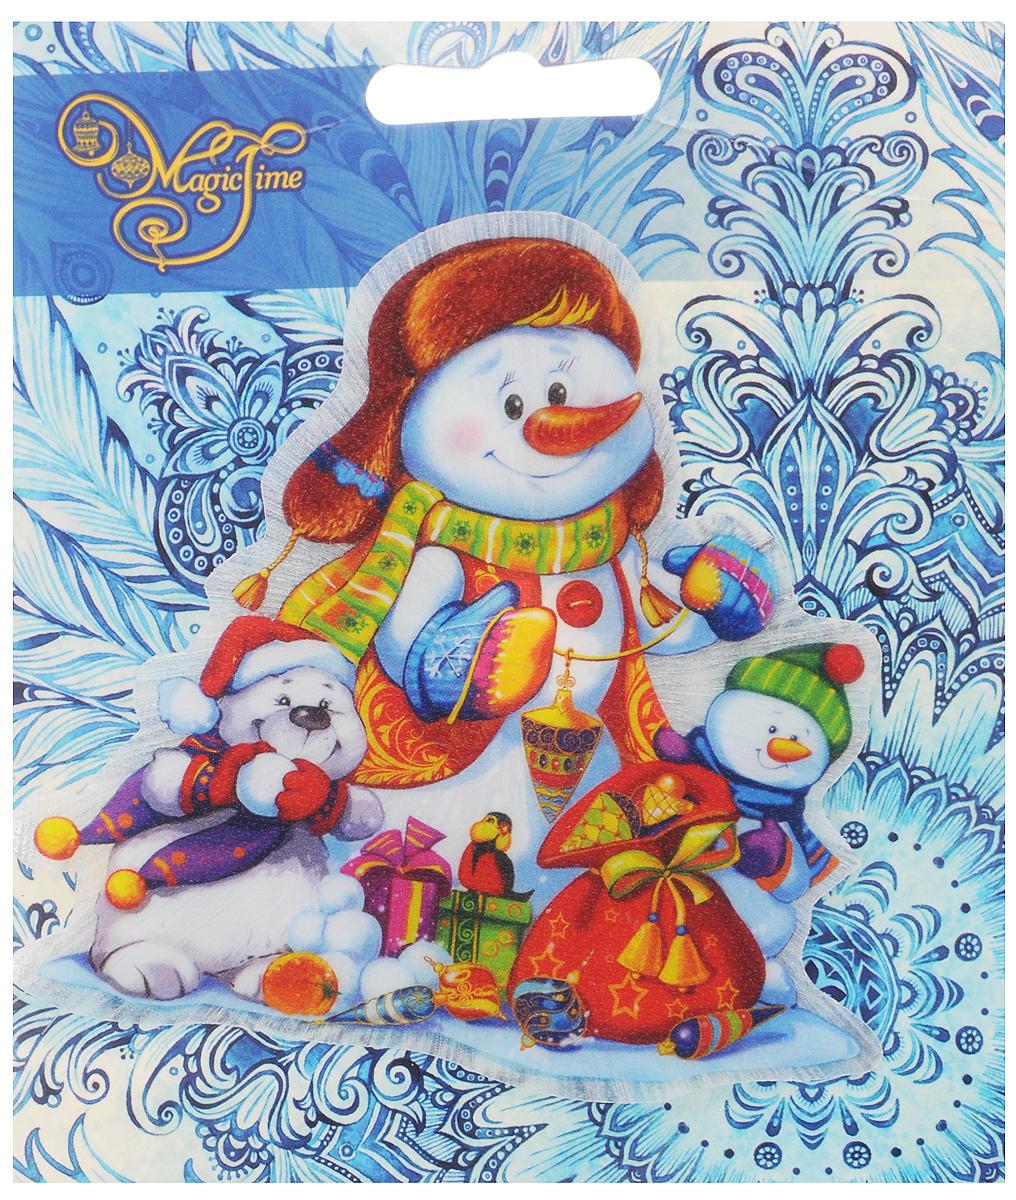 Украшение новогоднее Magic Time Снеговики, со светодиодной подсветкой, на присоске, 10,5 x 10 x 3 см38189Новогоднее украшение Magic Time Снеговики выполнено из поливинилхлорида. Украшение представляет собой пластиковую картину с изображением снеговиков с подарками. С помощью присоски украшение можно прикрепить на любое понравившееся вам место. Изделие оснащено светодиодной подсветкой.В комплект входит элемент питания LR44 (мощность 0,06 Вт, напряжение 3 В)Новогоднее украшение Magic Time Снеговики несет в себе волшебство и красоту праздника. Создайте в своем доме атмосферу веселья и радости, с помощью игрушек, которые будут из года в год накапливать теплоту воспоминаний.Размер украшения: 10,5 х 10 х 3 см.